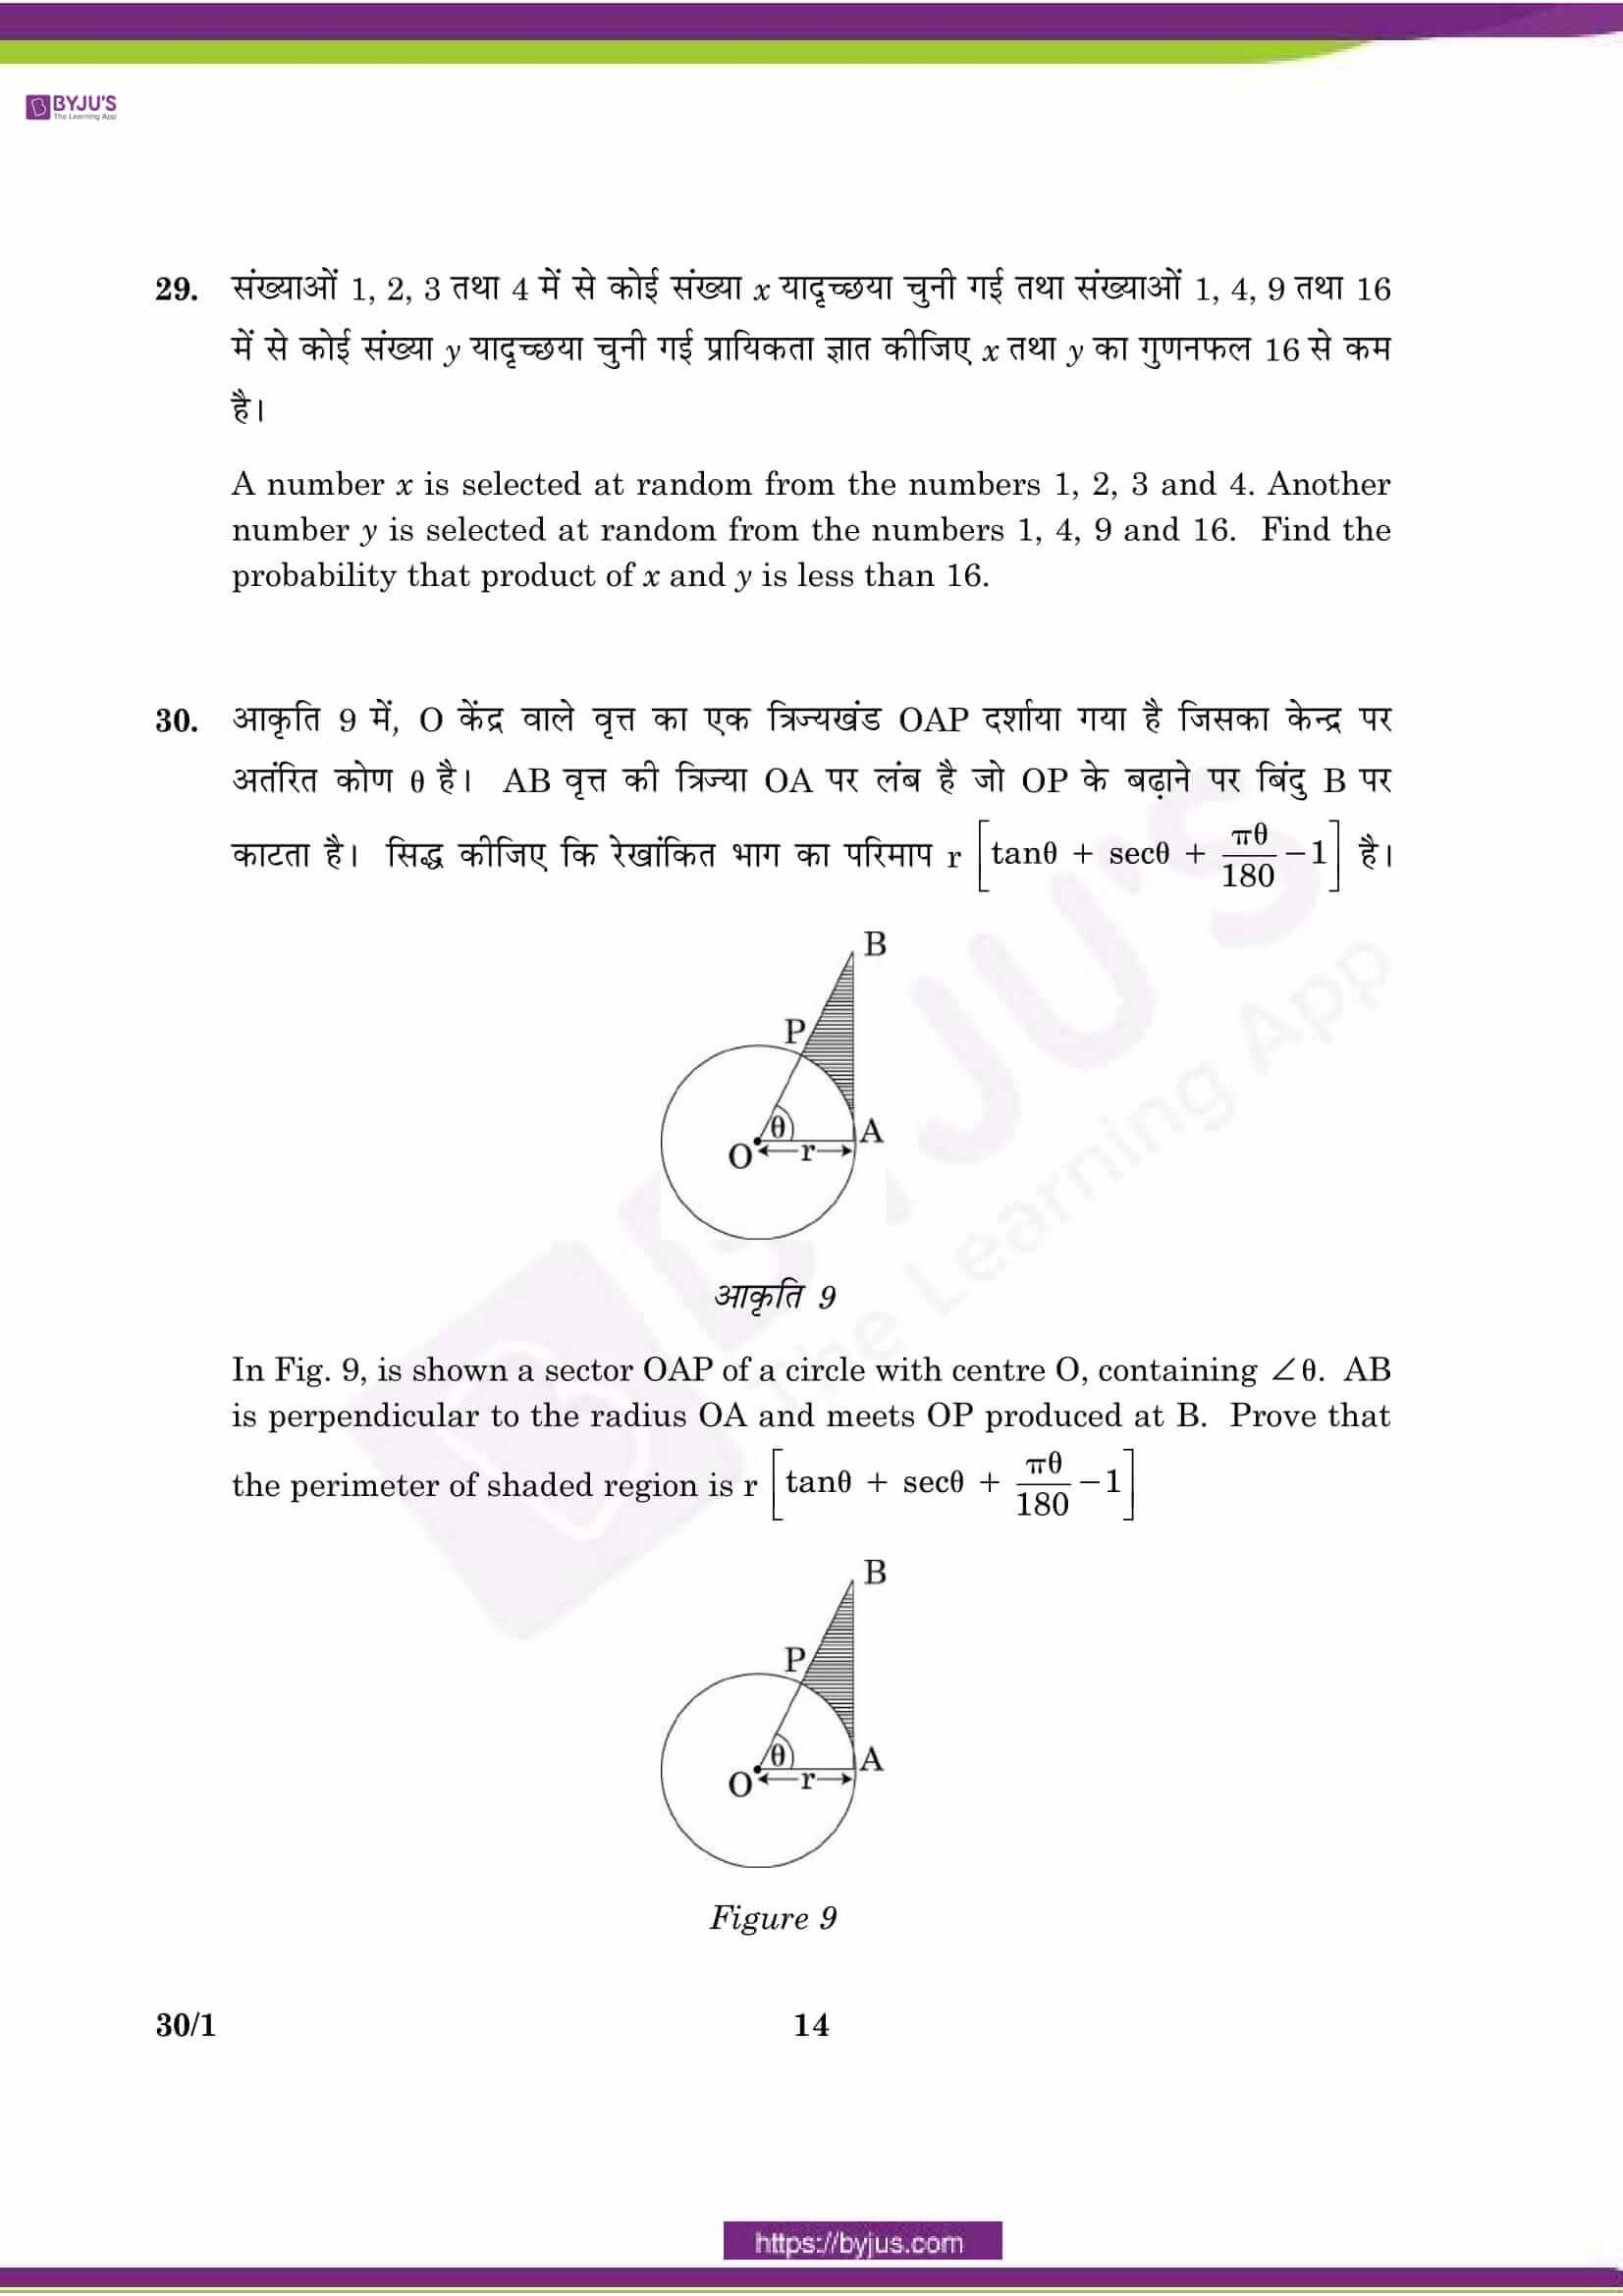 CBSE Class 10 Maths Qs Paper 2016 SA 2 Set 1 14